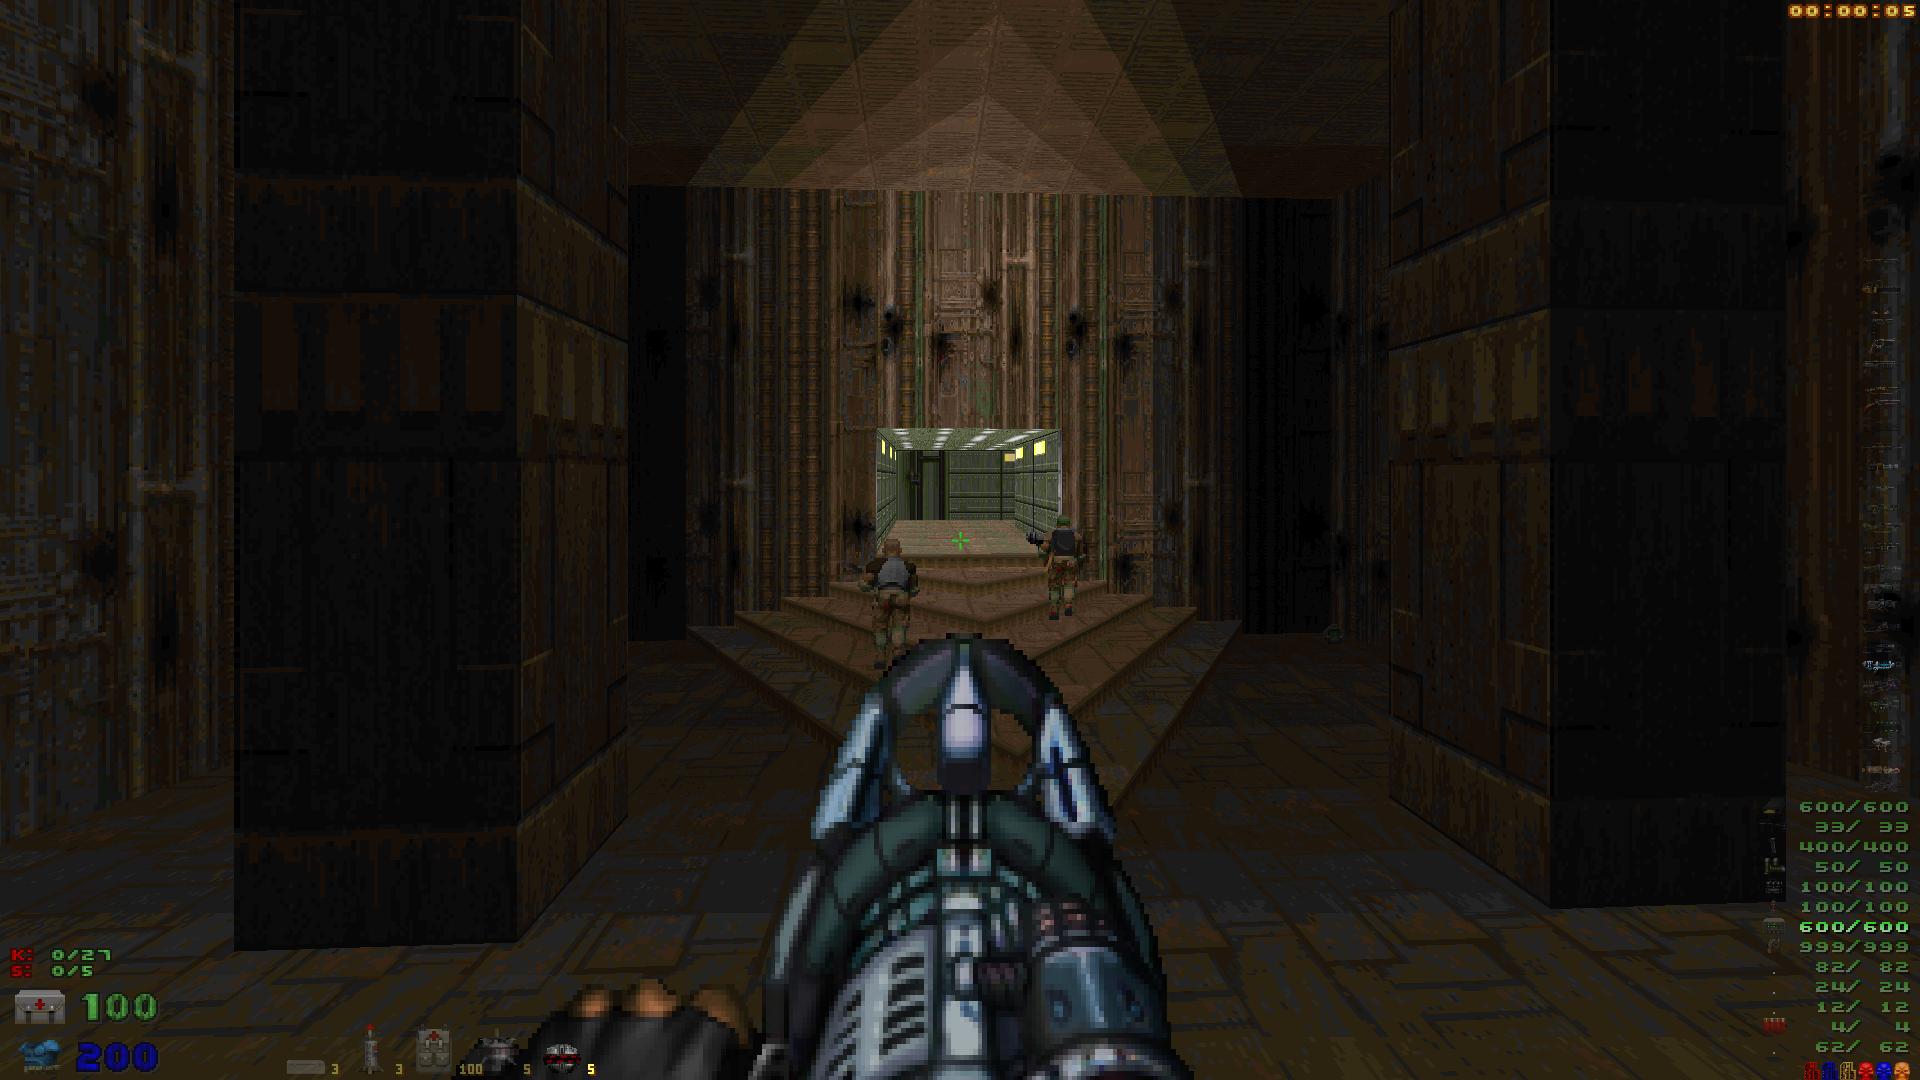 Brutal Doom Ultimate Brutal Arsenal Download - crackprize